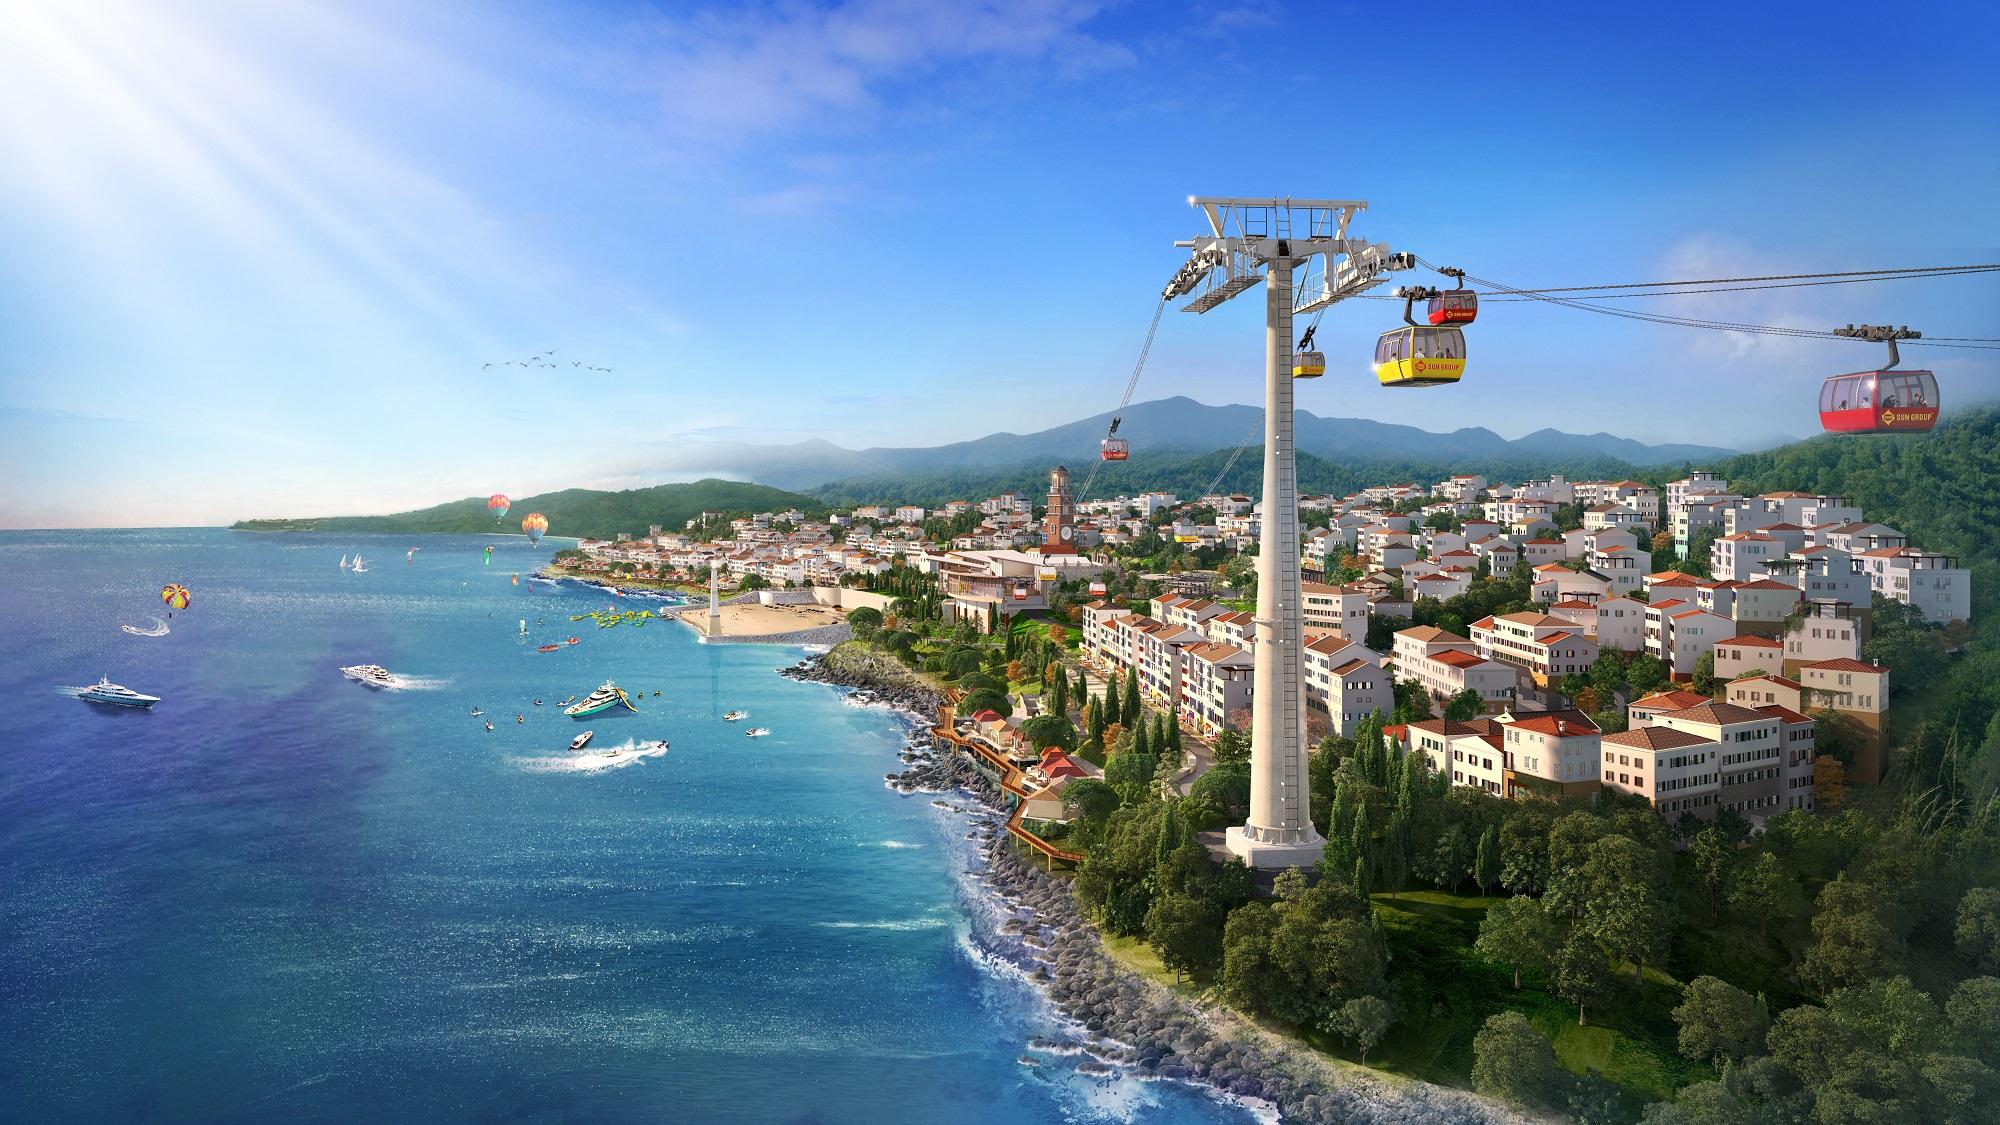 Nam đảo ngập tràn sức sống mới với những công trình mang phong cách Địa Trung Hải